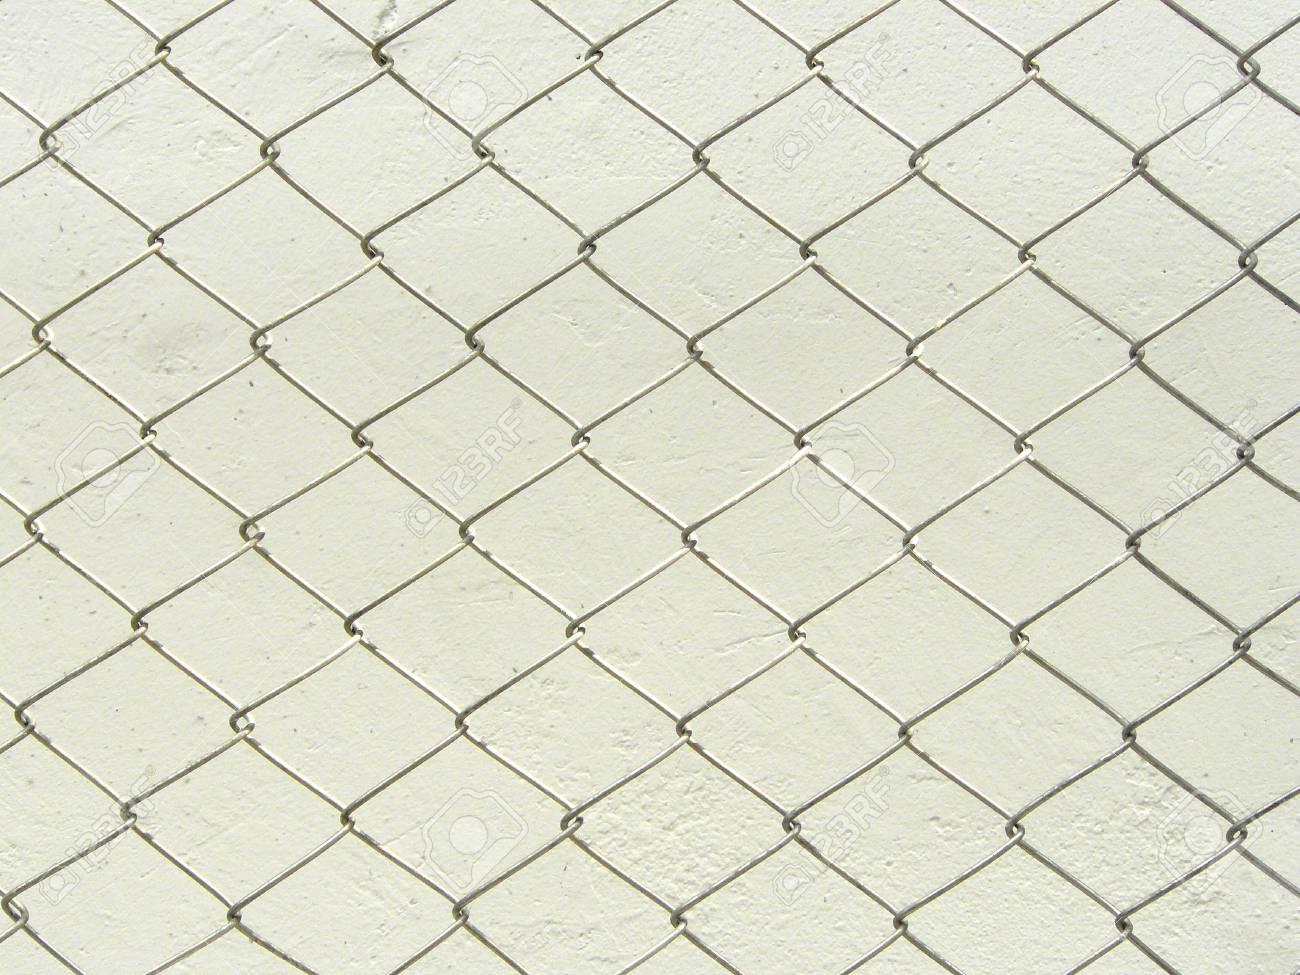 Ungewöhnlich Maschendraht Muster Ideen - Die Besten Elektrischen ...